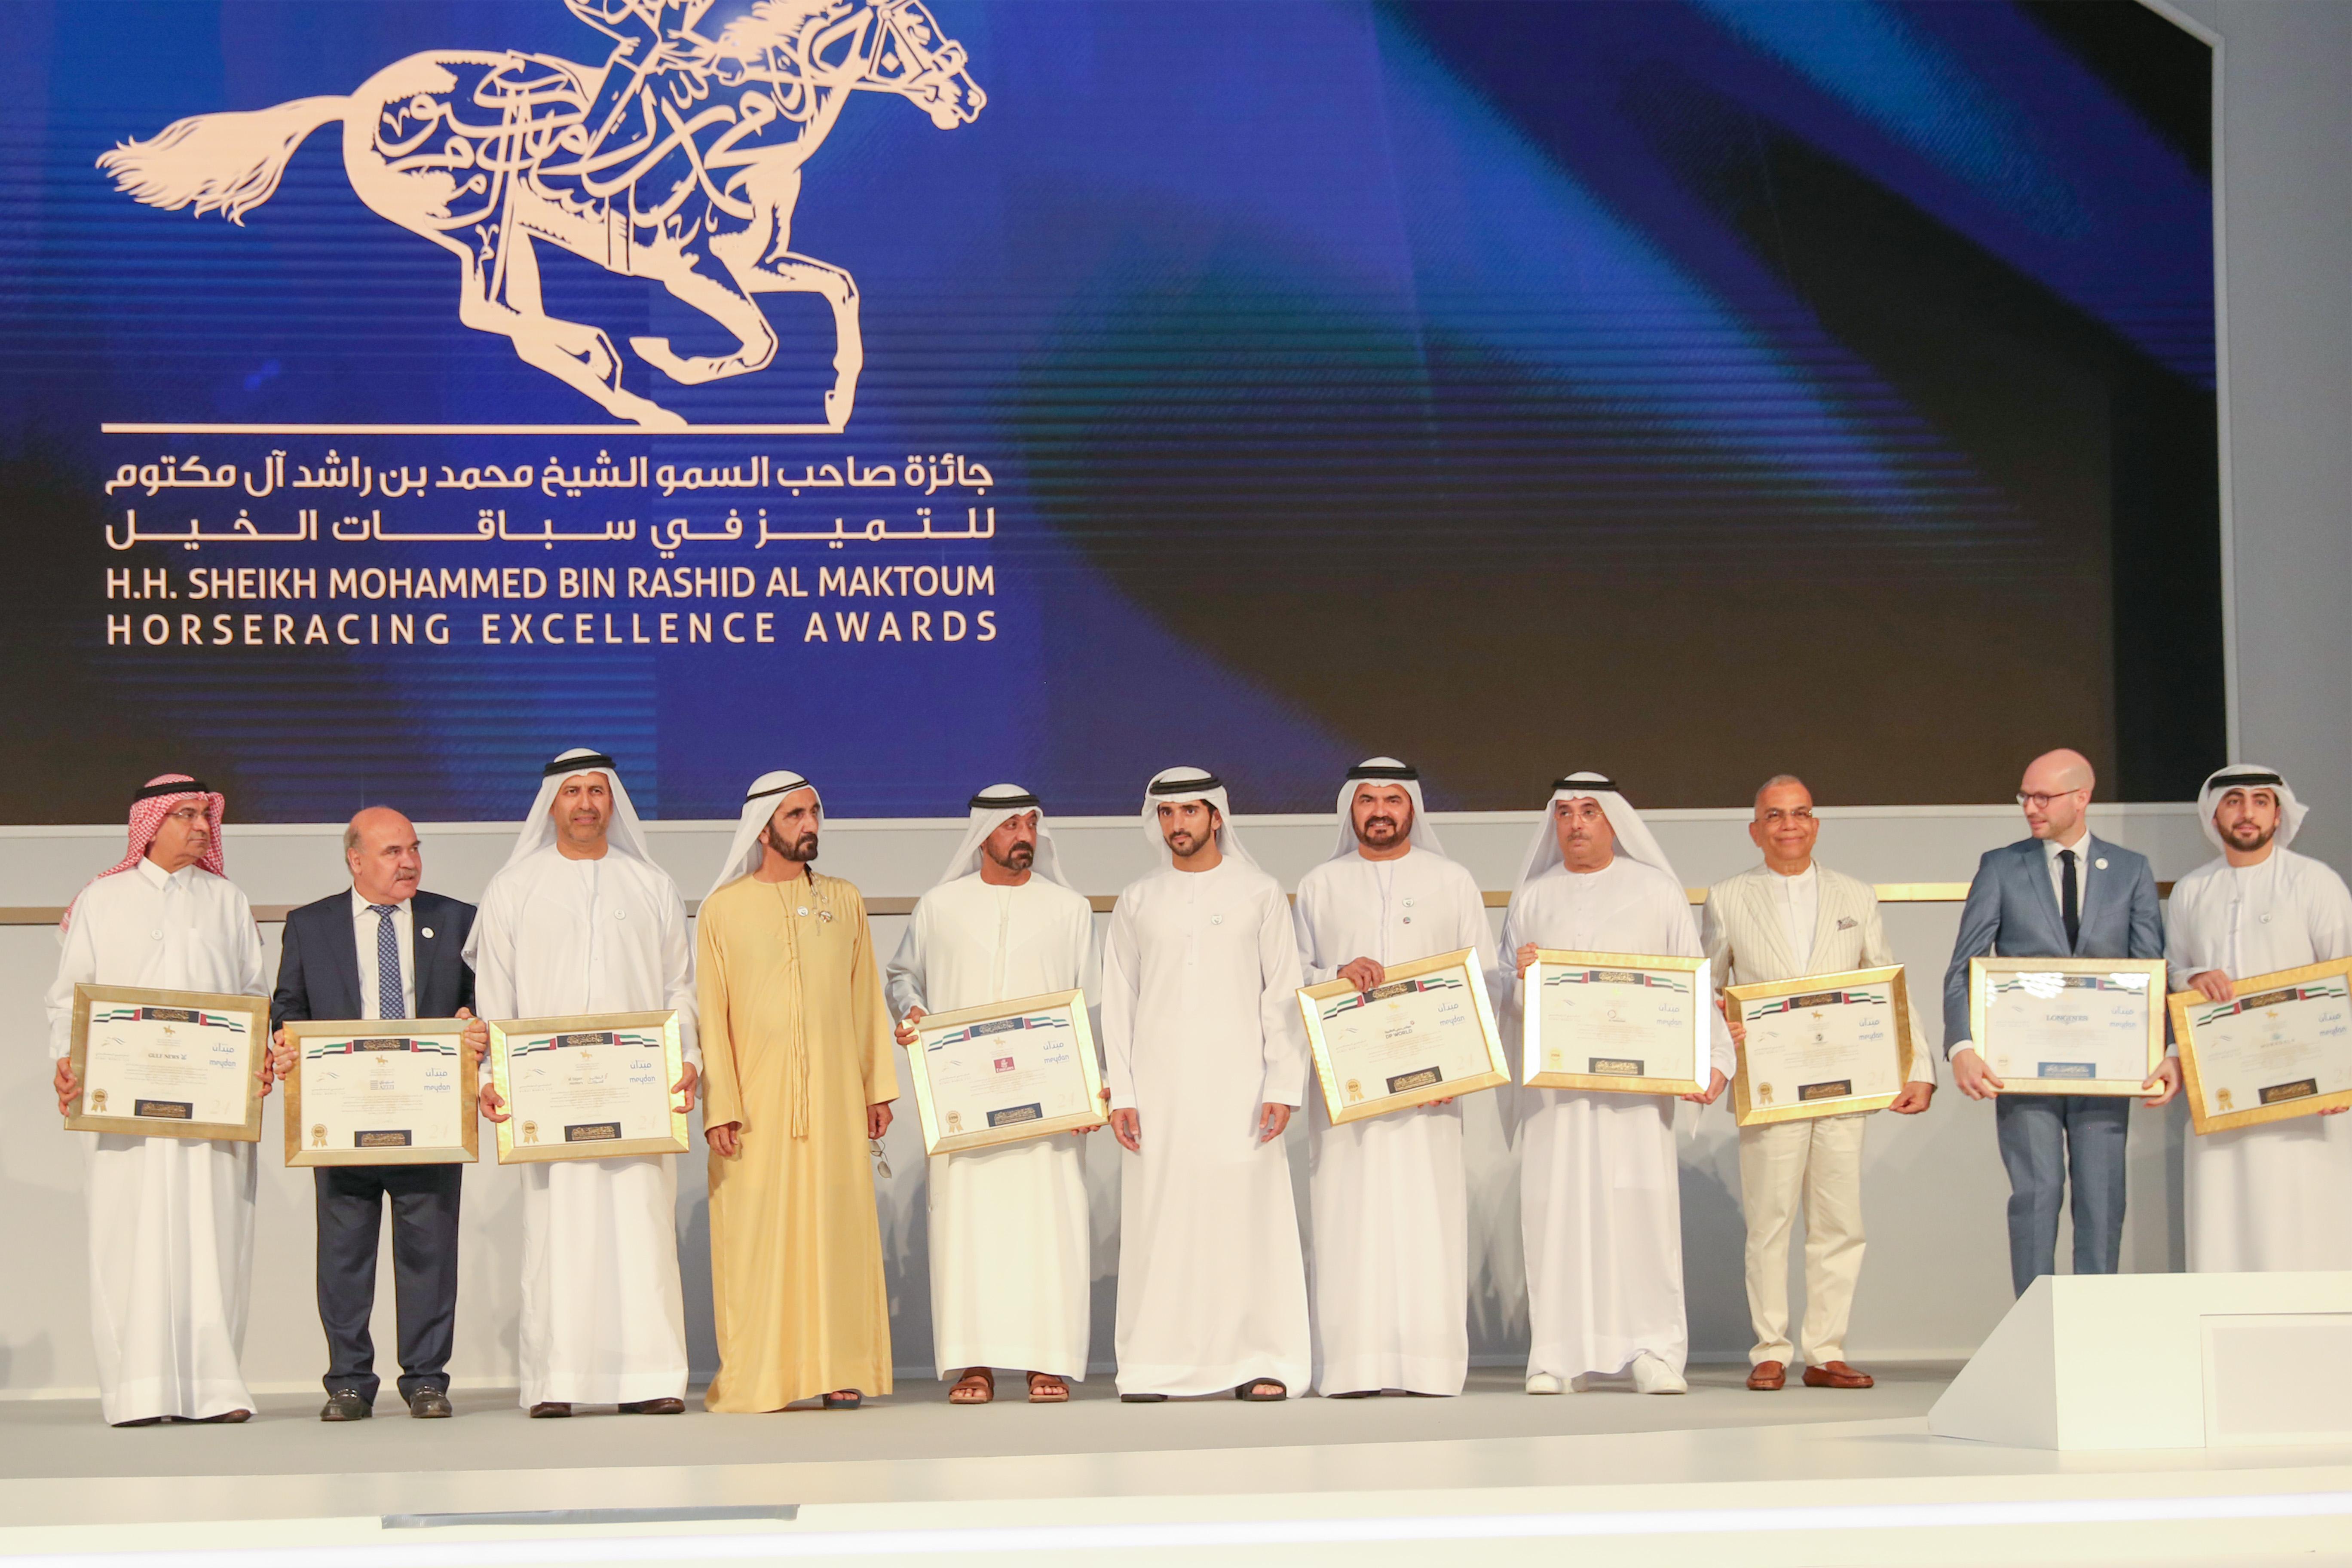 His Highness Sheikh Mohammed bin Rashid Al Maktoum - Vice President honours winners of Mohammed bin Rashid Al Maktoum Horseracing Excellence Awards, sponsors of Dubai World Cup